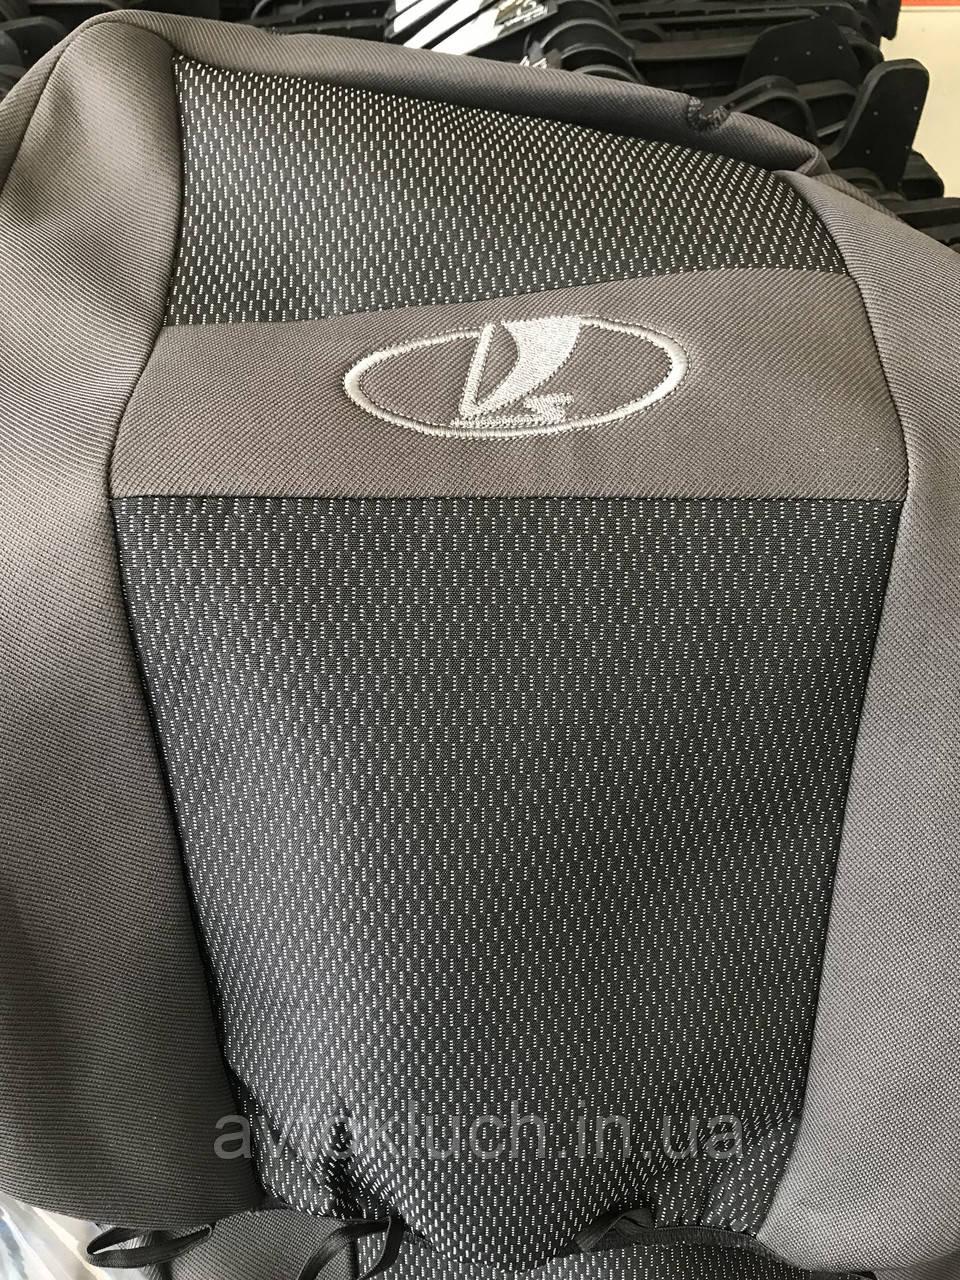 Чехол сиденья Lada 2107 COPER